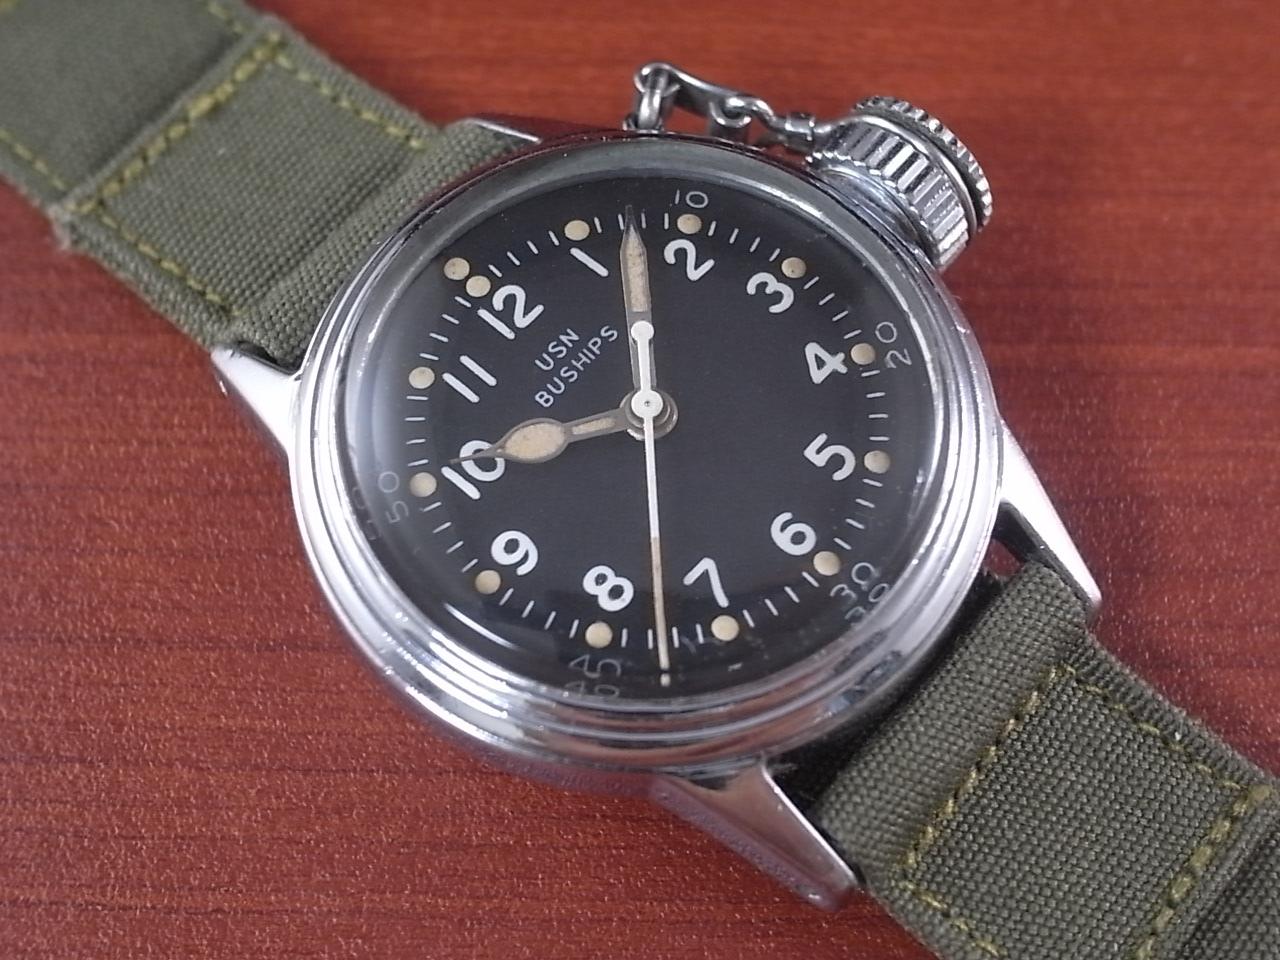 ハミルトン 軍用時計 米海軍 USN BUSHIPS 1940年代のメイン写真